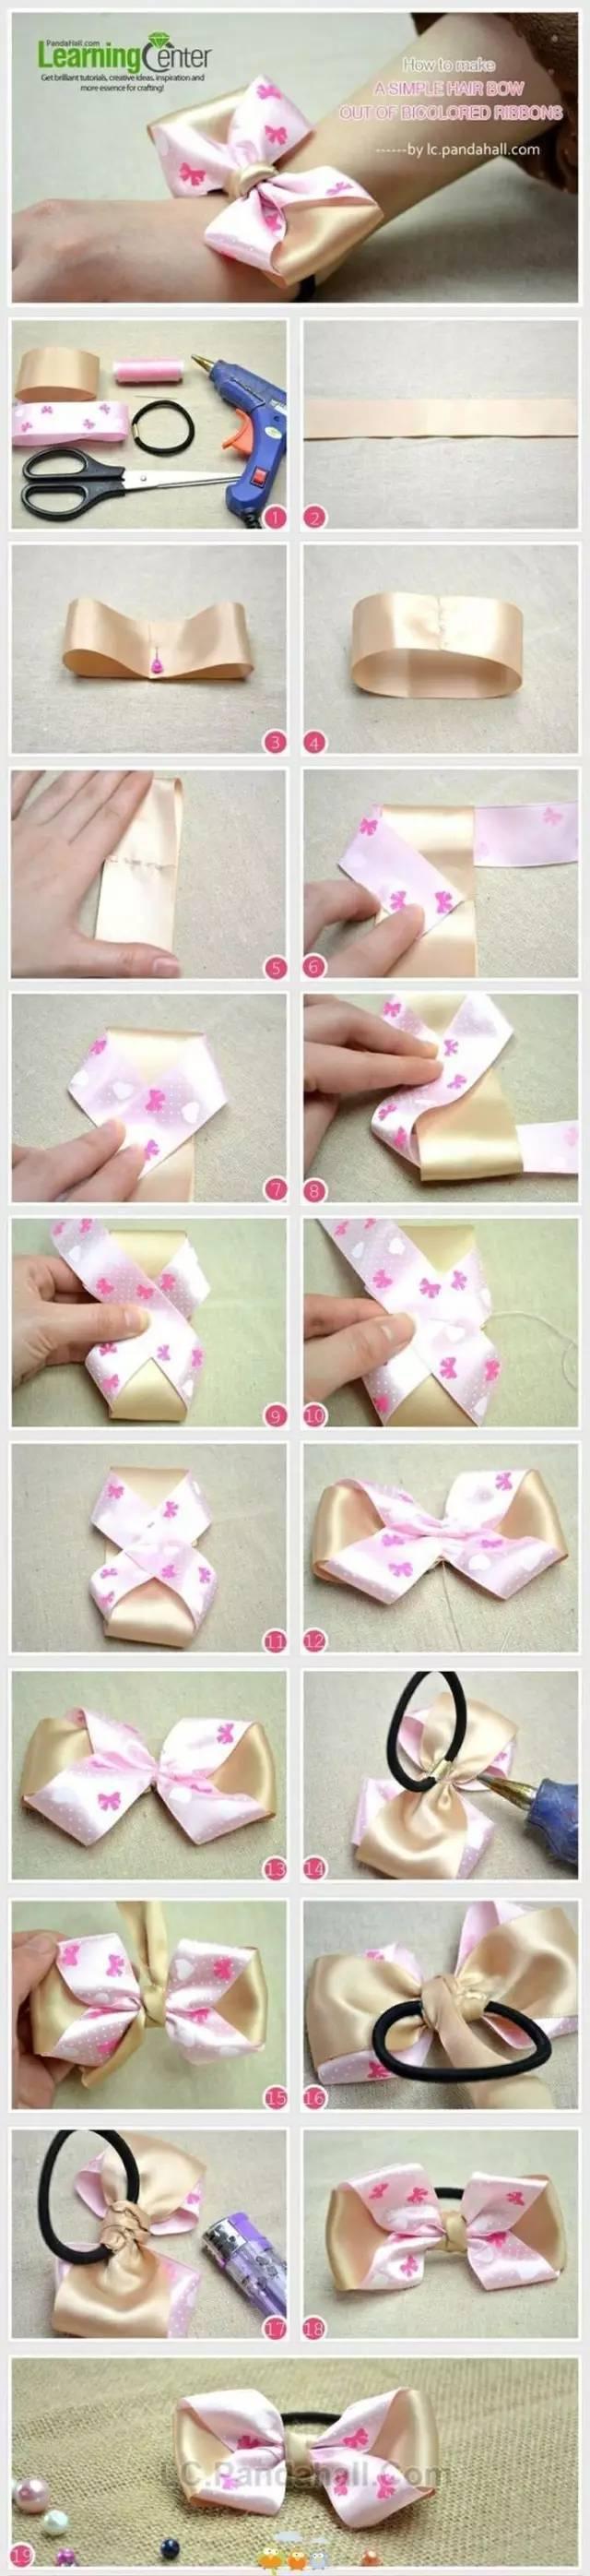 《蝴蝶结3》 准备材料:尼龙布,热熔胶,剪刀,针线,夹子 制作步骤图解